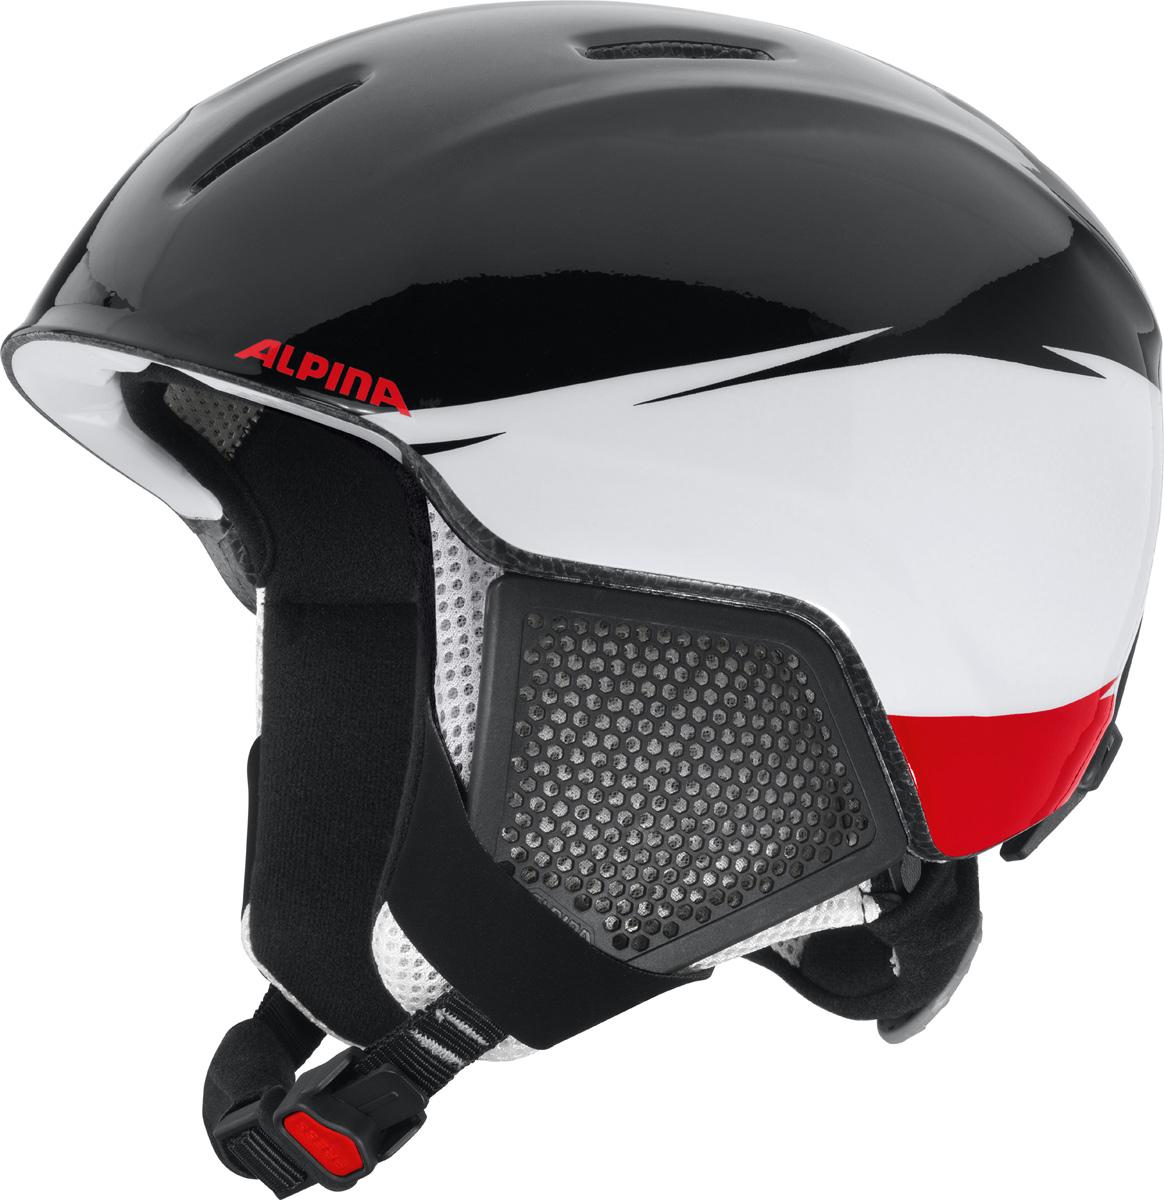 Шлем горнолыжный детский Alpina  Carat LX , цвет: черный, белый, красный. A9081_50. Размер 48-52 - Горные лыжи